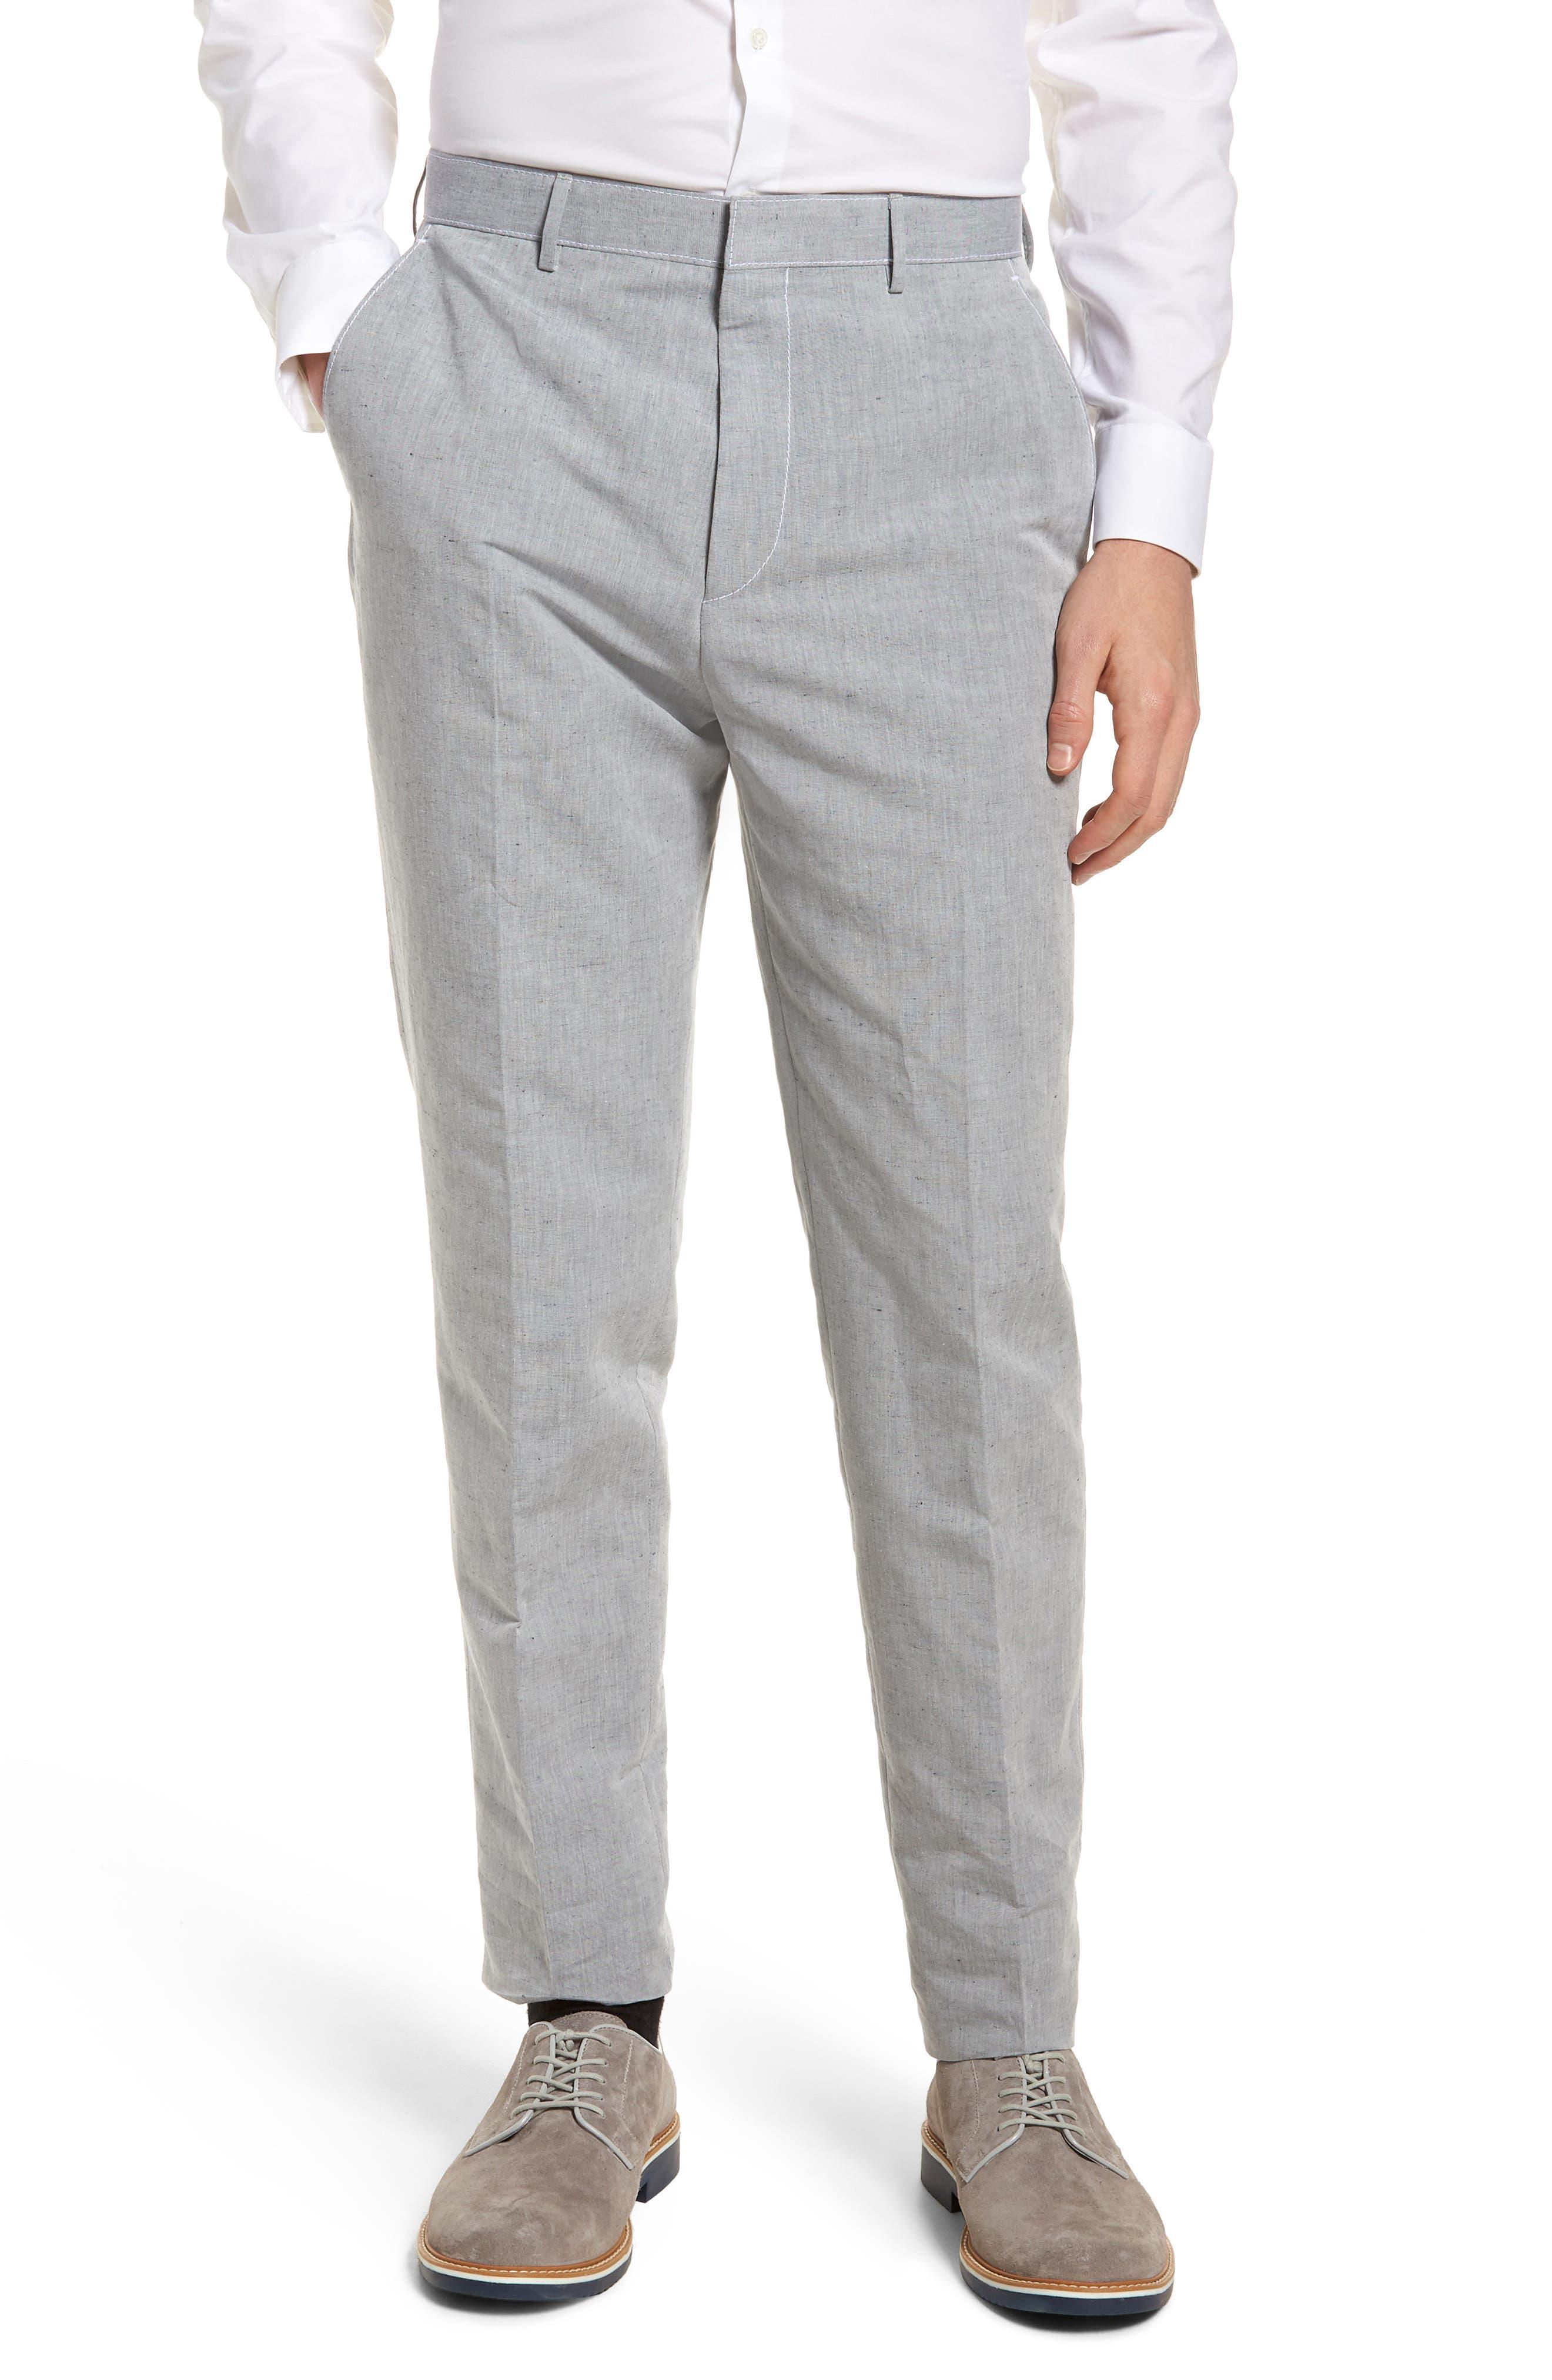 Pirko Flat Front Linen & Cotton Trousers,                         Main,                         color, 020